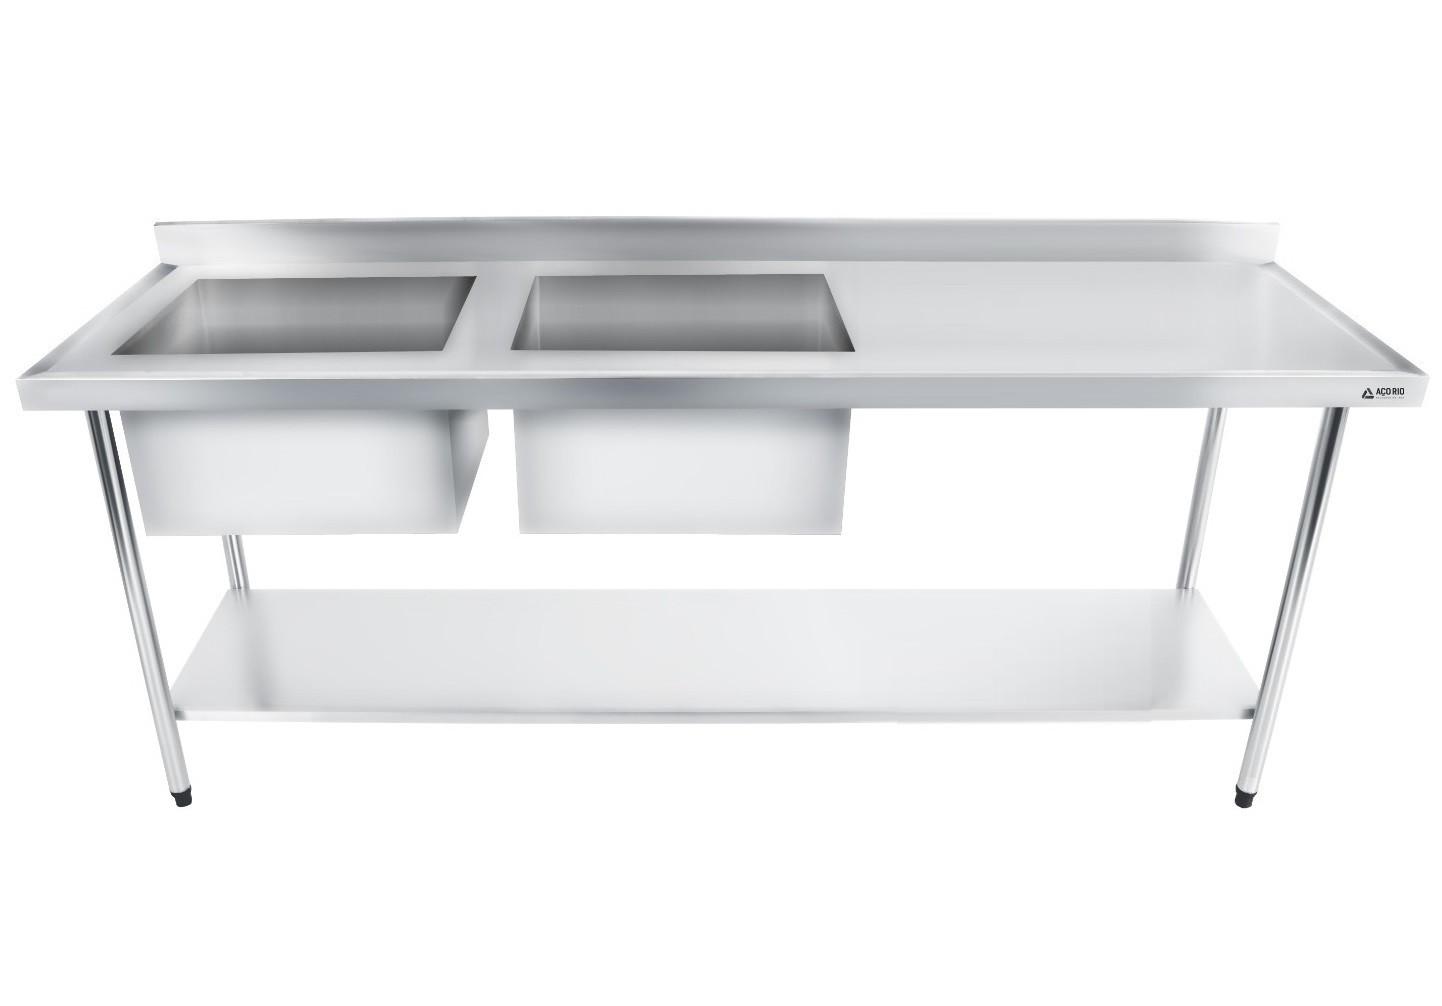 Bancada / Mesa Pia Em Aço Inox com Duas Cubas (50x40x25) A Esquerda E Prateleira (180x60x85)